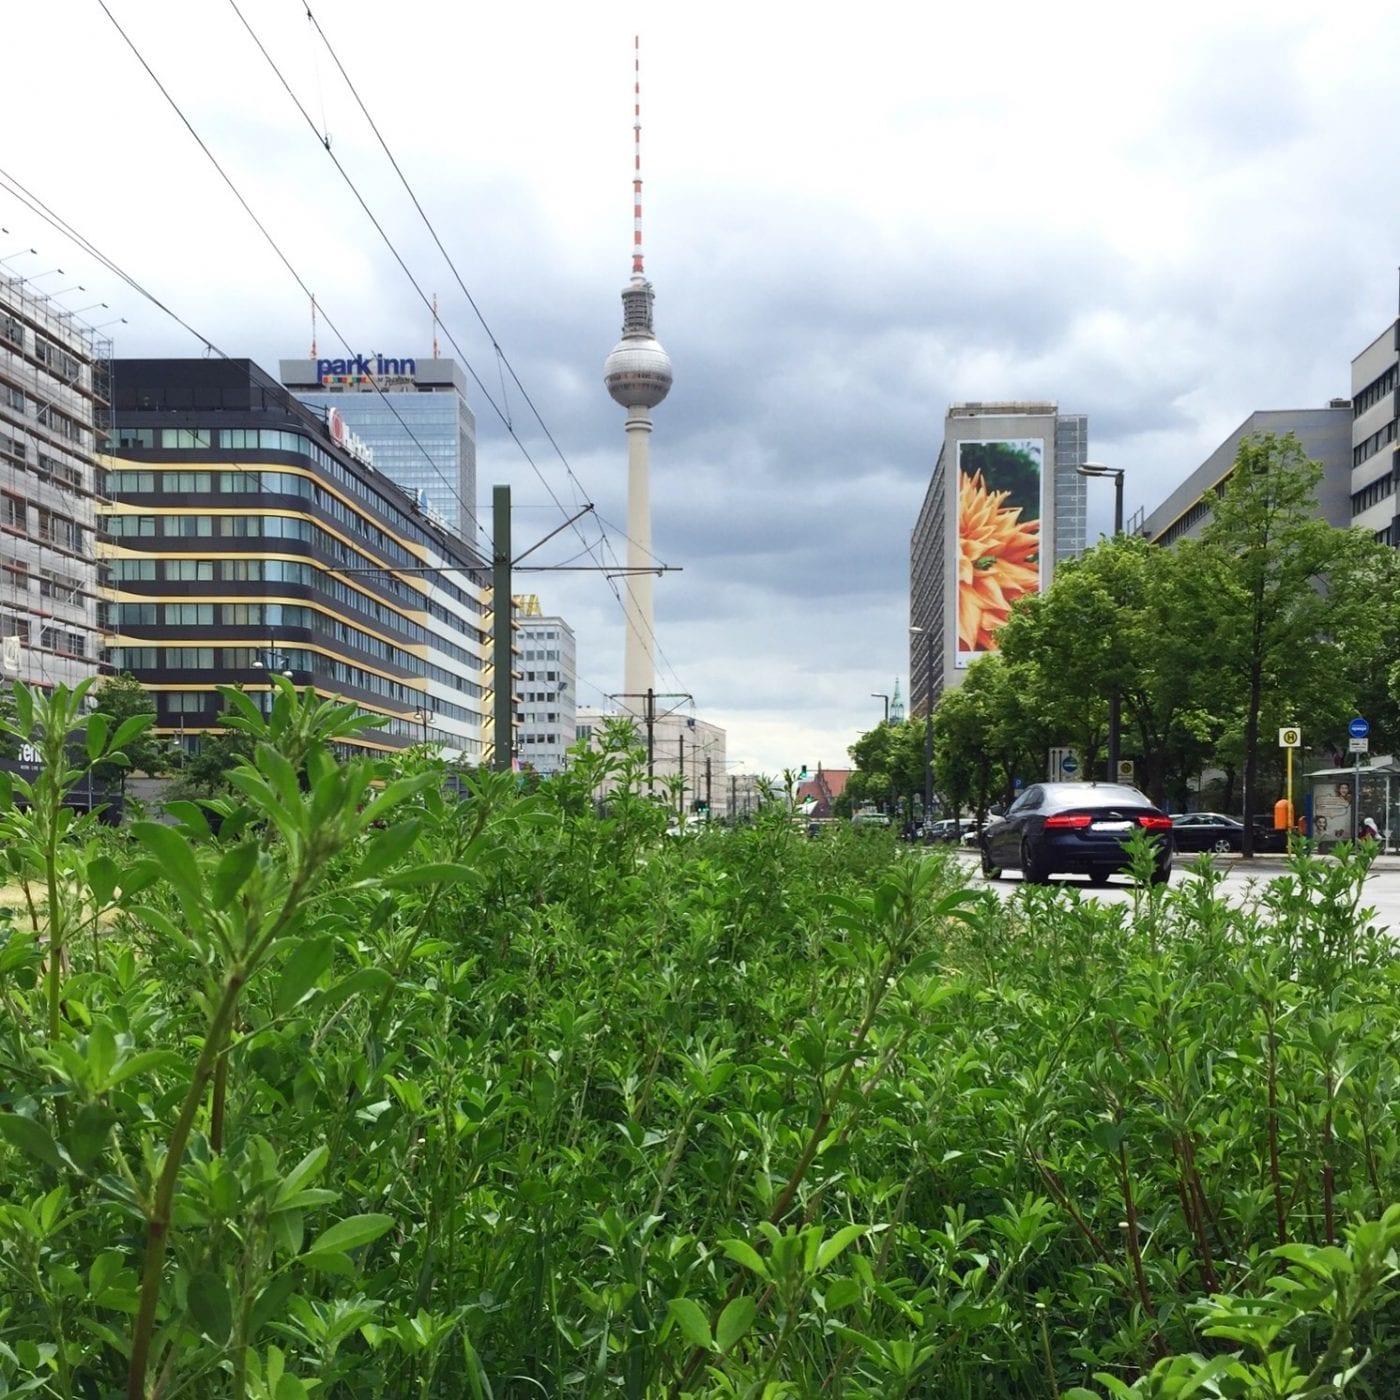 Auswirkungen von Covid-19 für Stadt und Land: Was bedeutet die Corona-Krise für die Urbanisierung? (Foto: Eric Sturm)